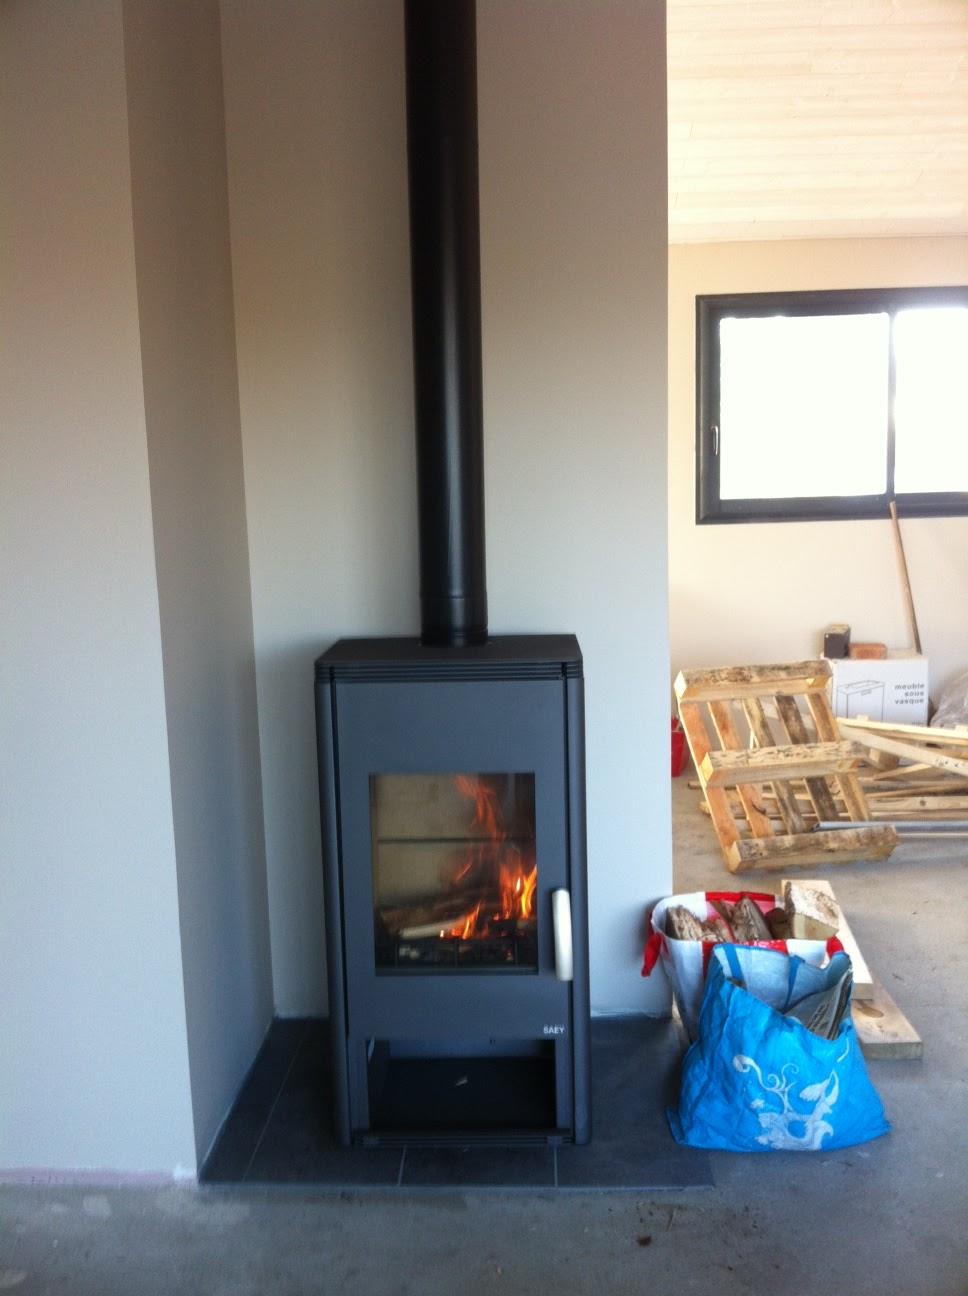 la construction de notre maison en bois vendredi 30 novembre une flamb e. Black Bedroom Furniture Sets. Home Design Ideas